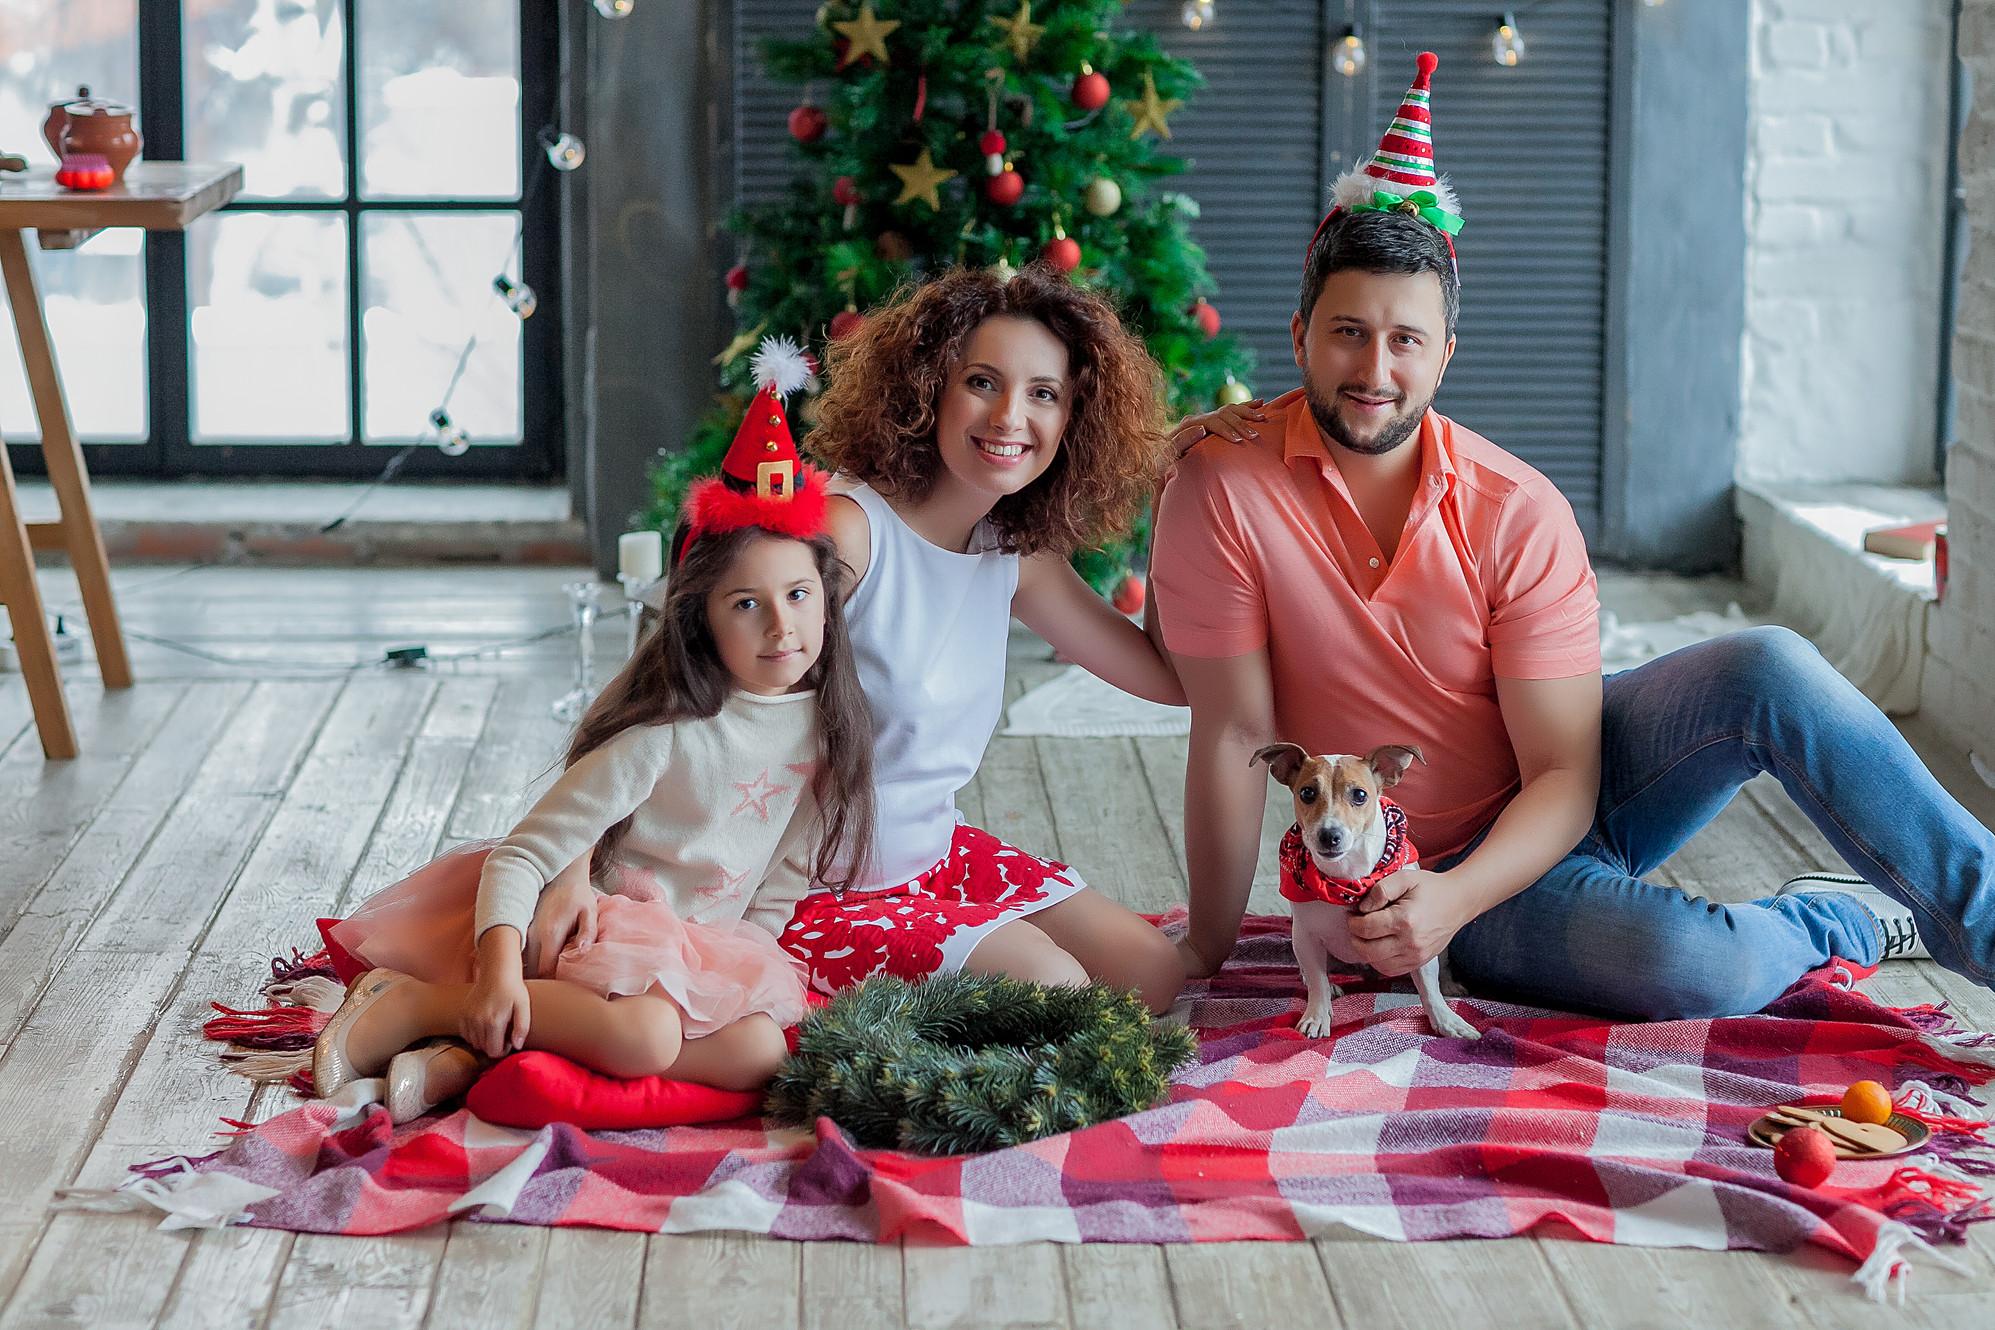 новогодняя фотосессия идеи для семьи фото год